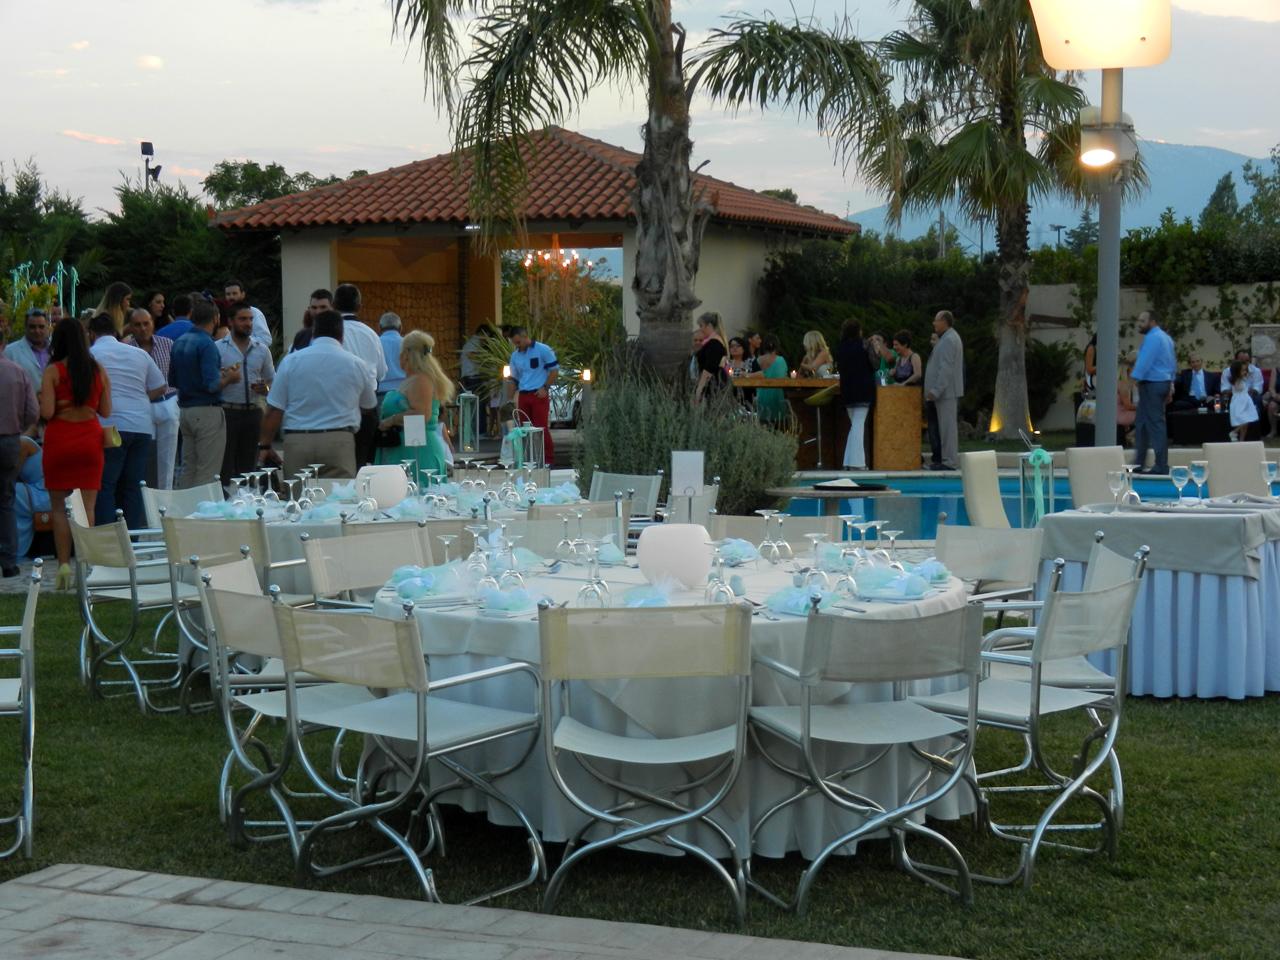 Δεξίωση γάμου στον εξωτερικό χώρο Κνωσσός, πλάι στην πισίνα